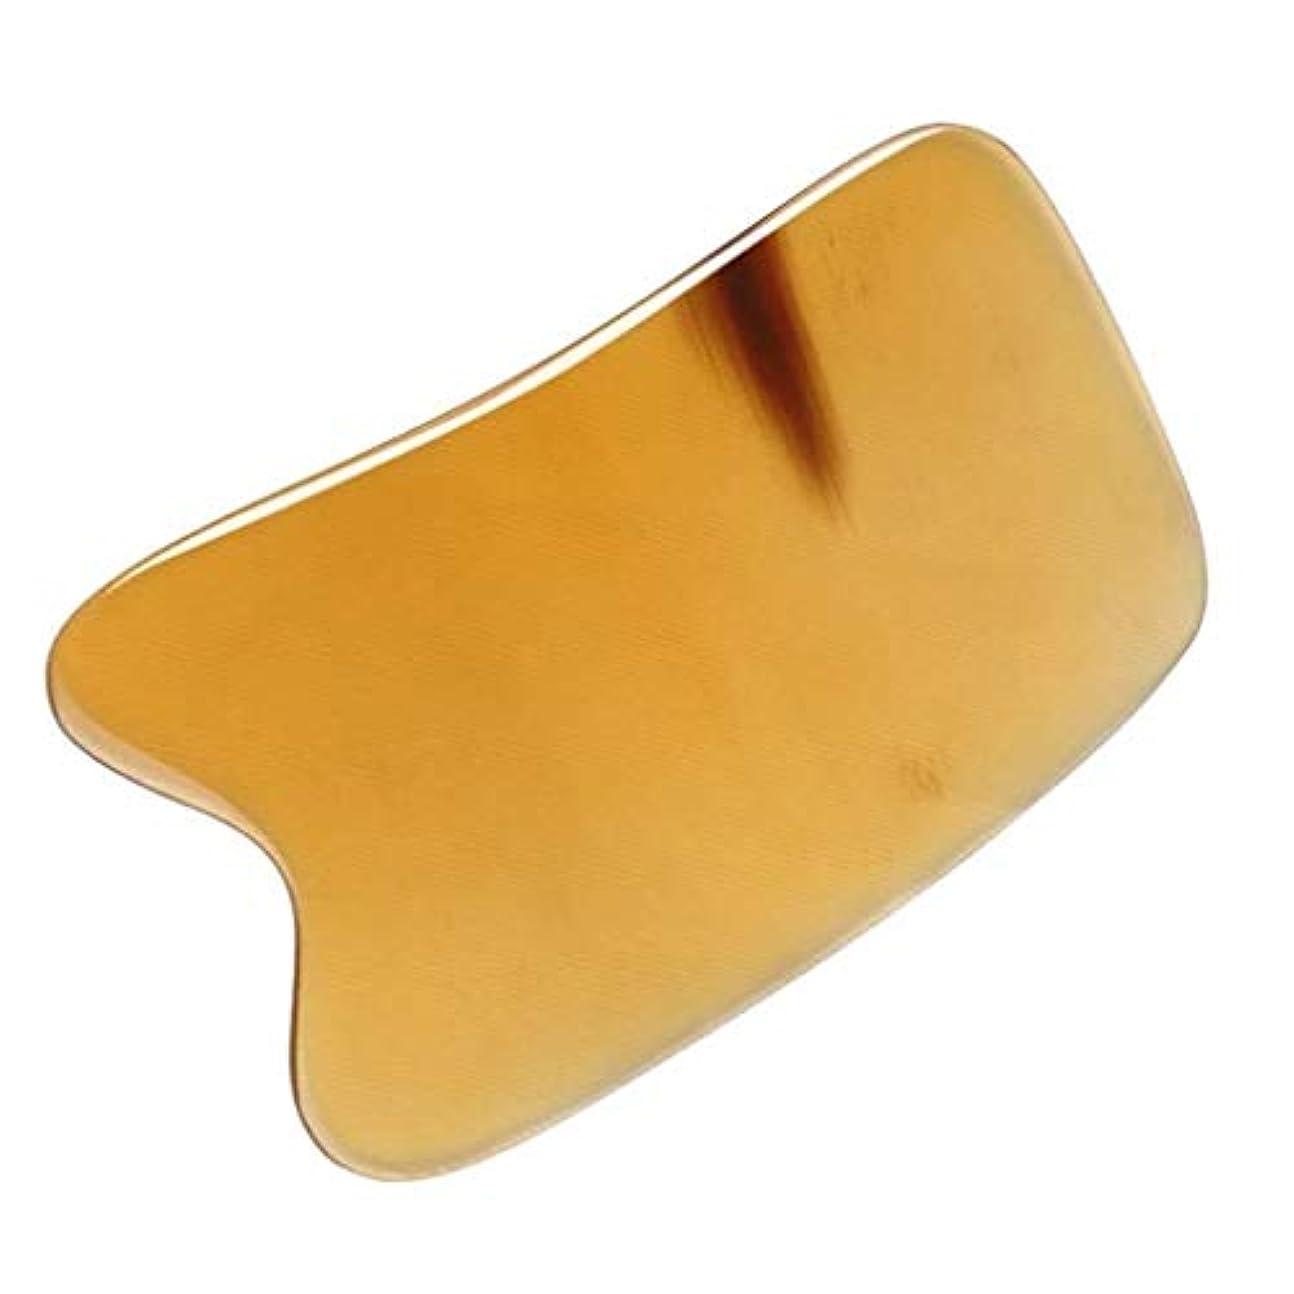 弱まる病的スプーンIASTMグラストン理学療法ツール-最高品質のハンドメイドバッファローホーングアシャボード-首と筋肉の痛みを軽減 (Size : 5mm)